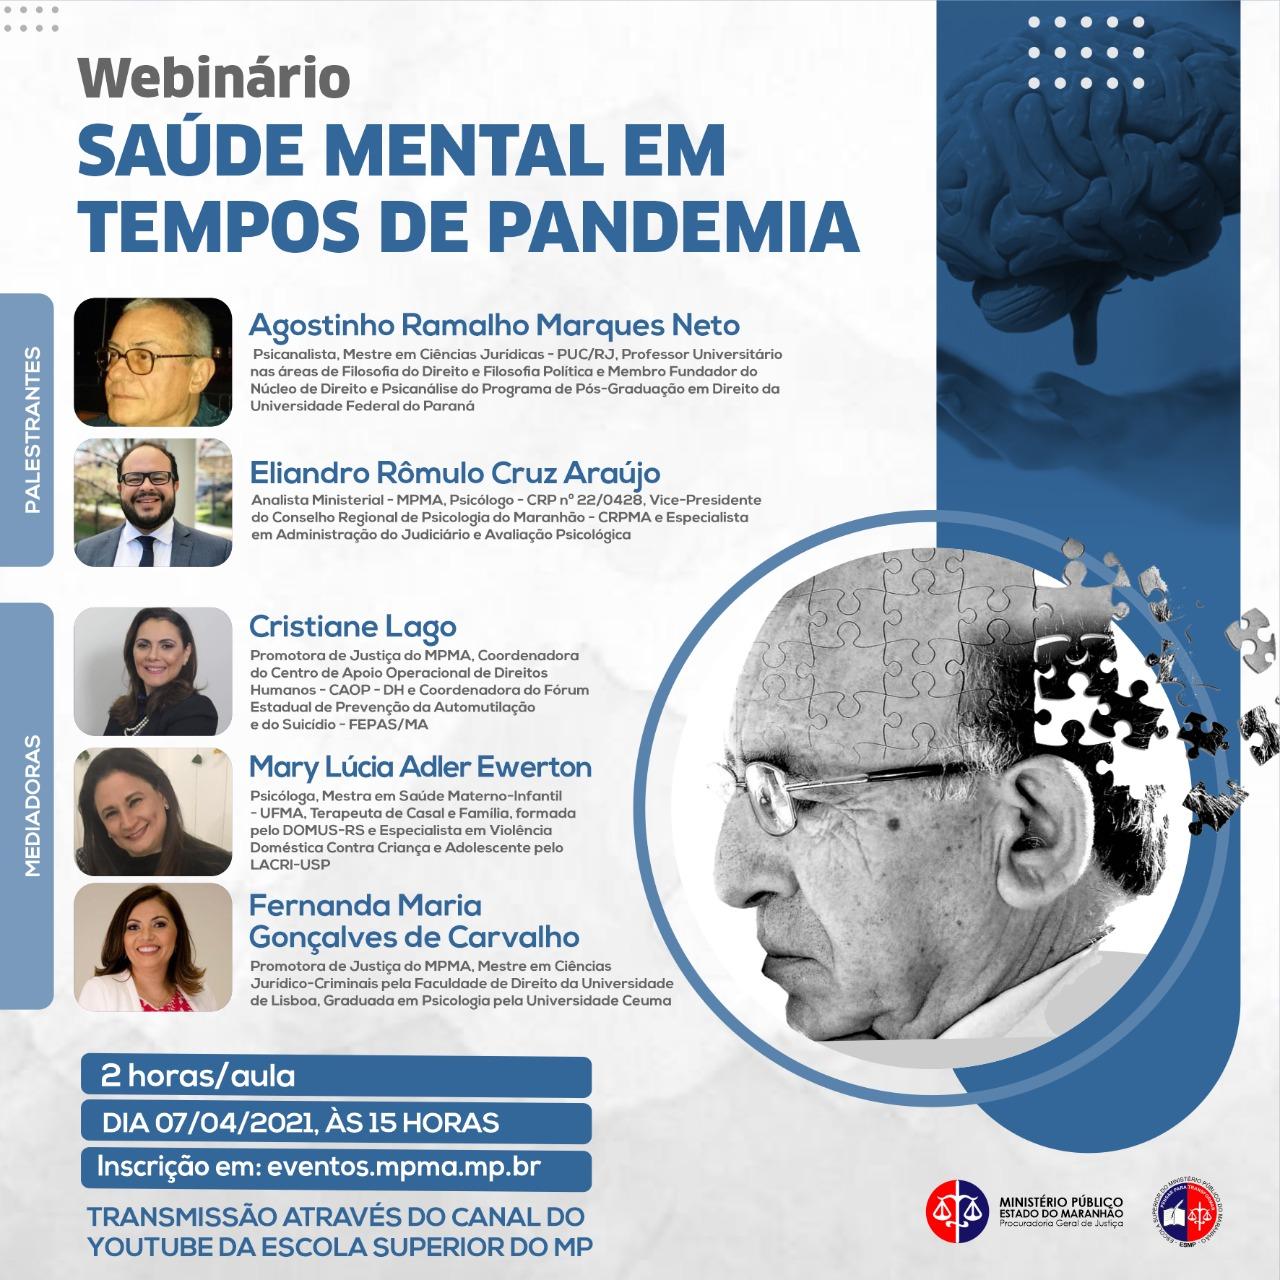 Webinário sobre Saúde Mental em Tempos de Pandemia